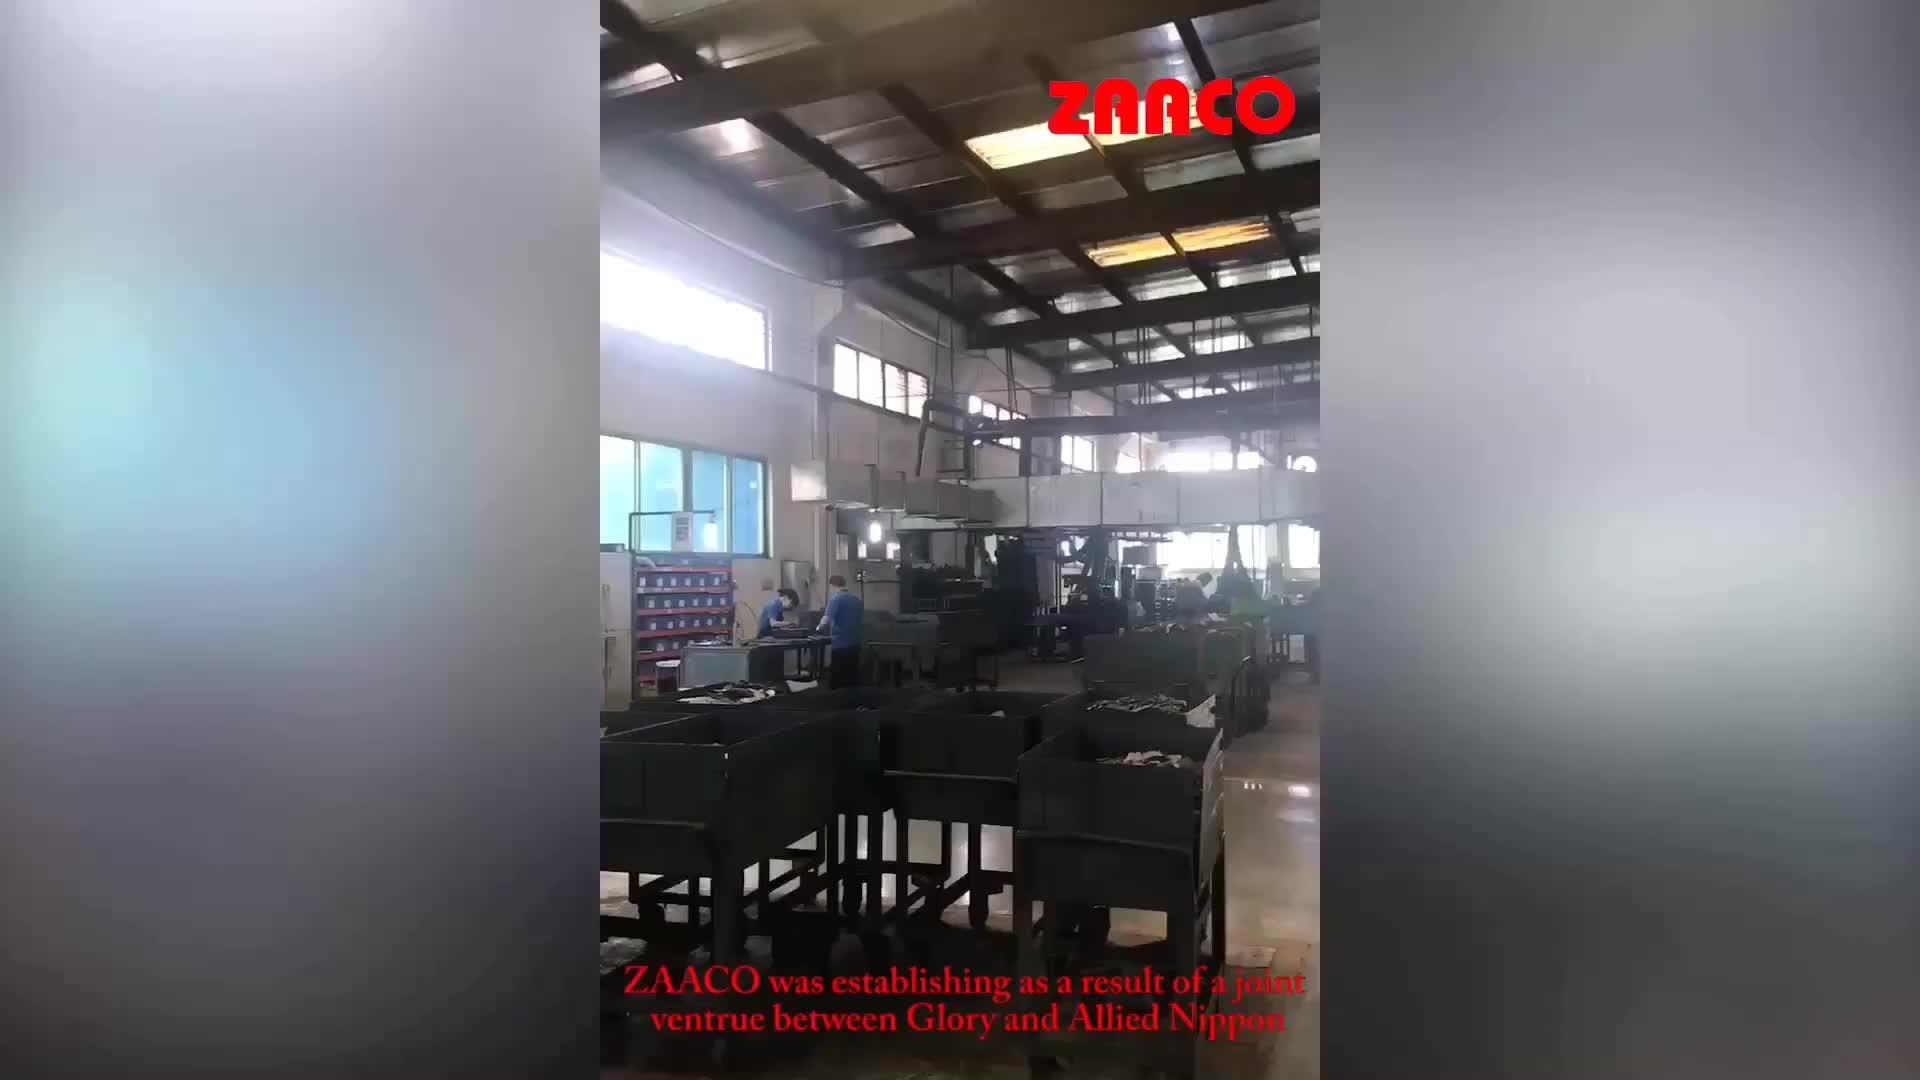 ZAACO Rem onderdelen voor koop 0446526070 0446526070 0449126270 0446526320 0449126170 van bus emark Remblokken D2104 voor hiace